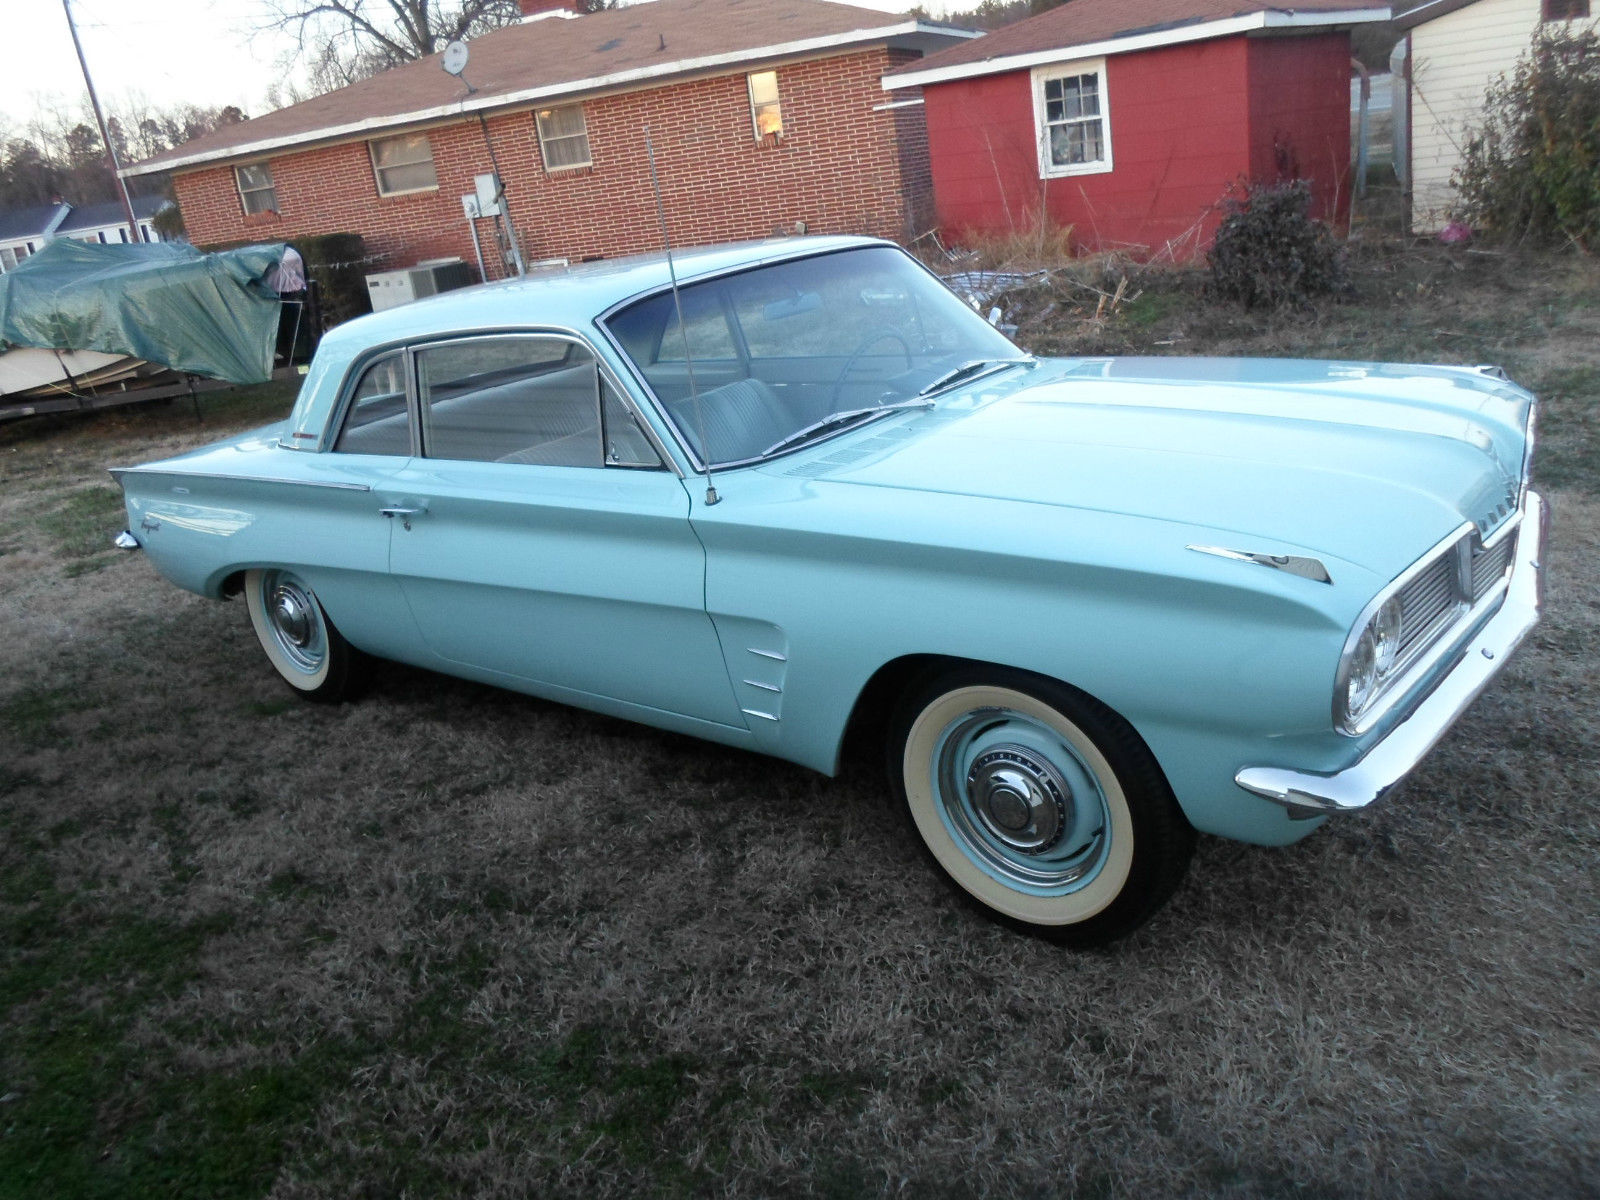 1962 Pontiac Tempest 1962 Pontiac Tempest Lemans 44k Mi Outstanding Survivor Show